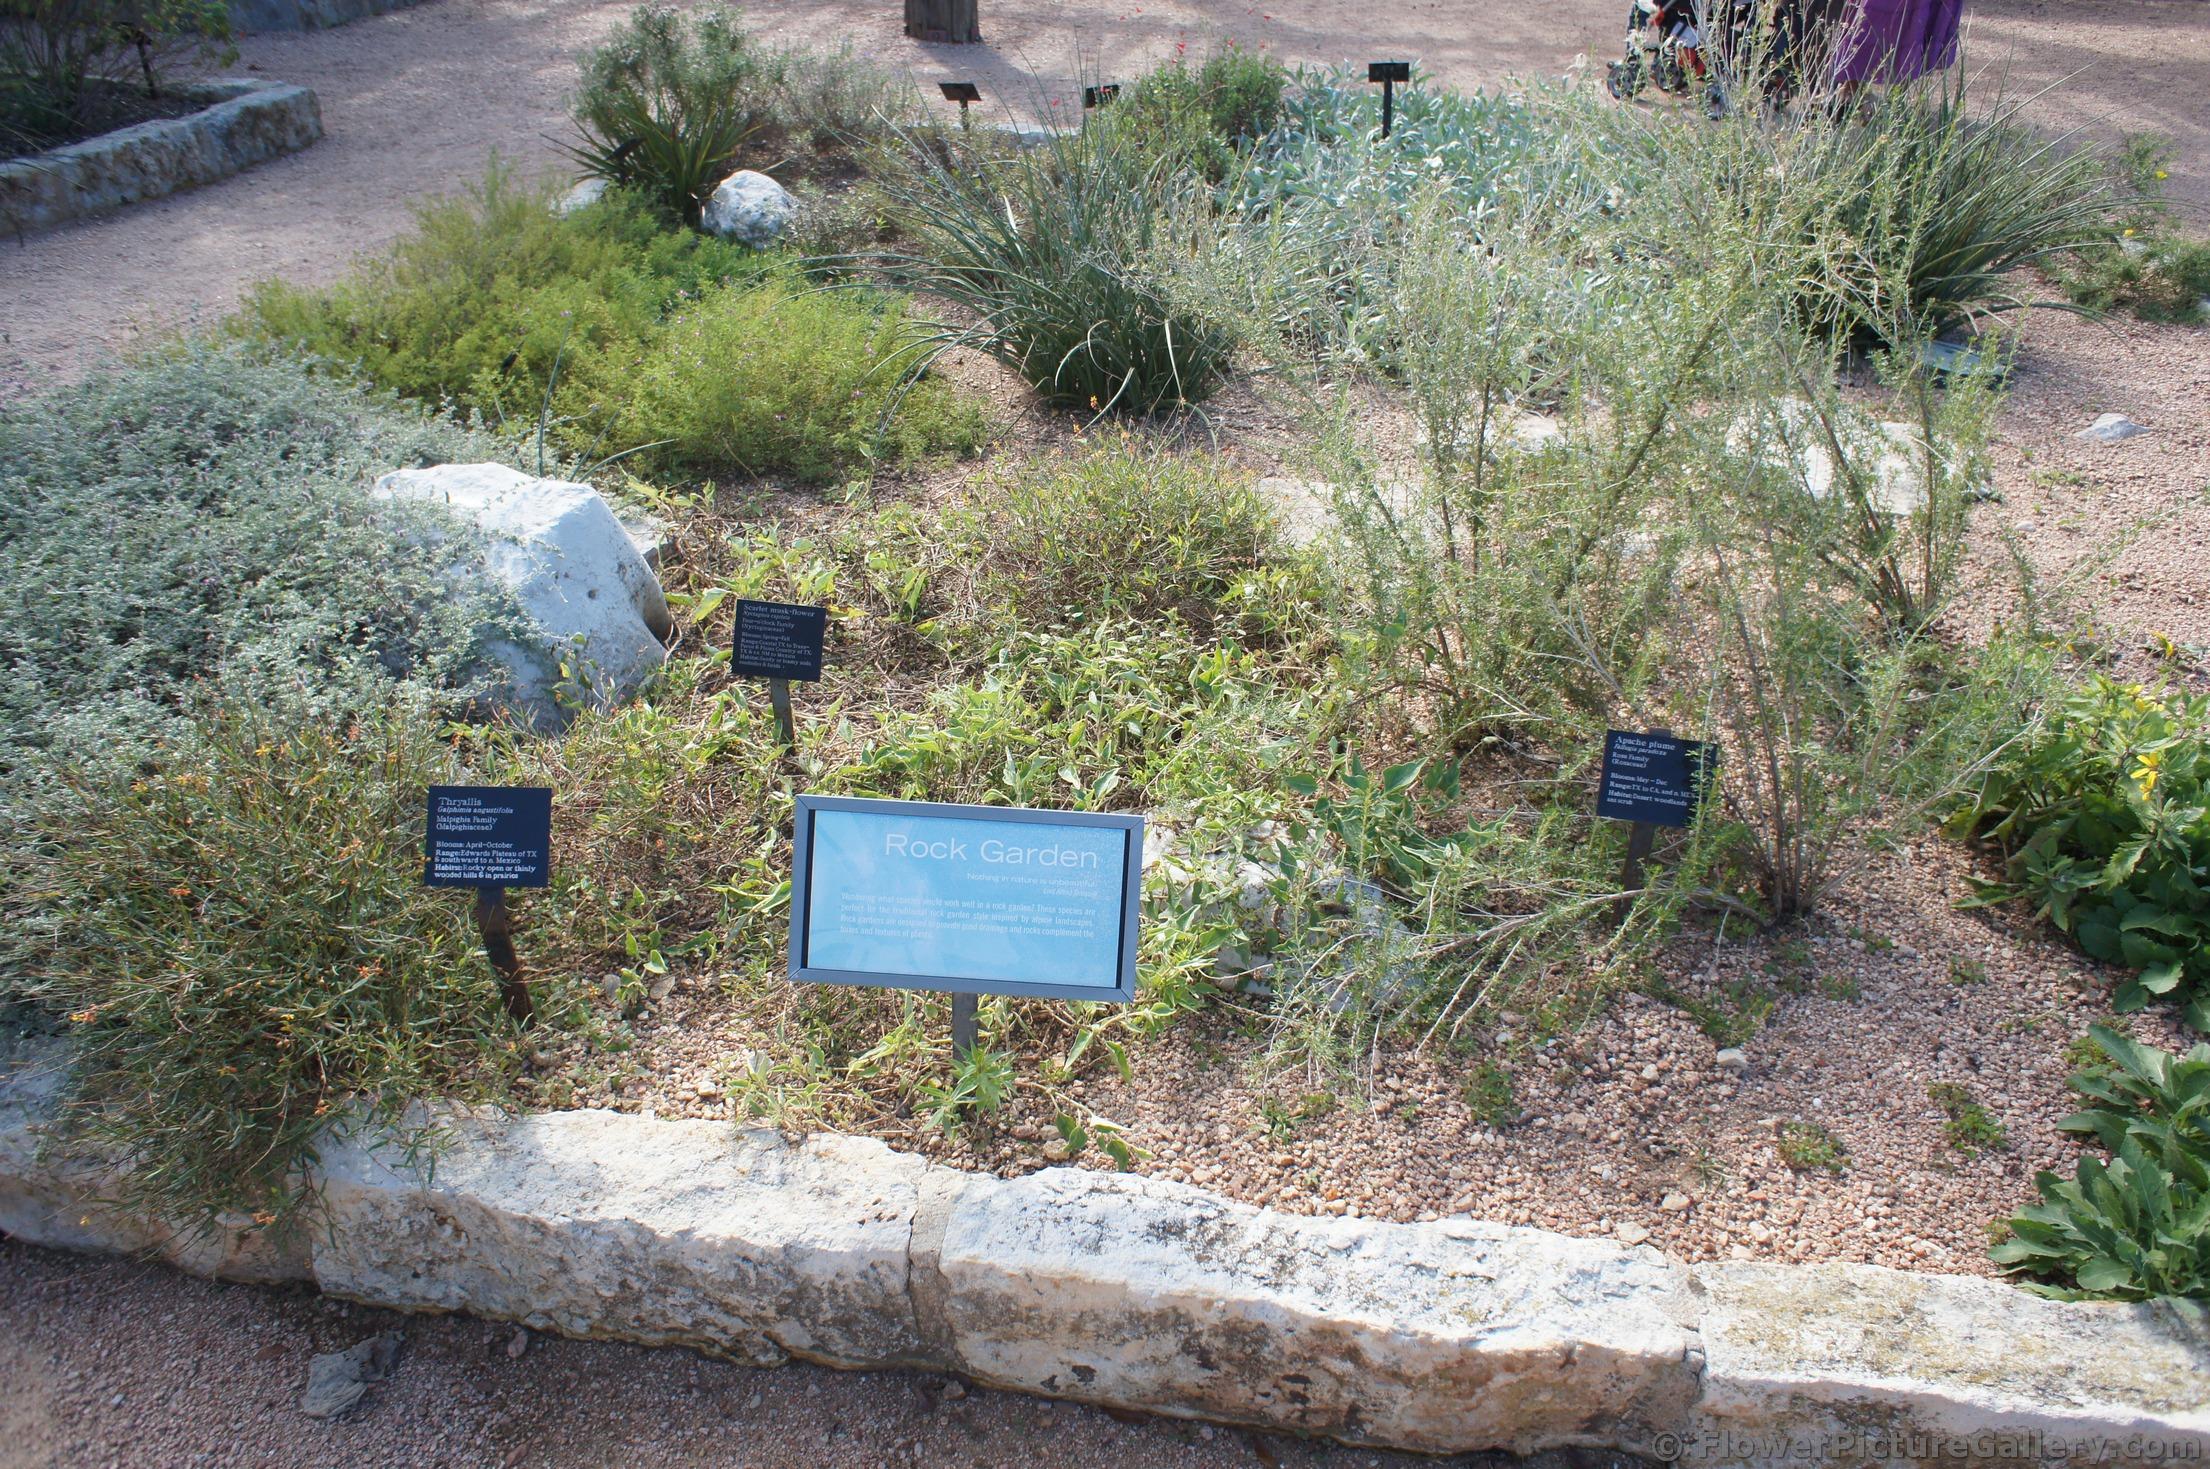 Rock Garden At Lady Bird Johnson Wildflower